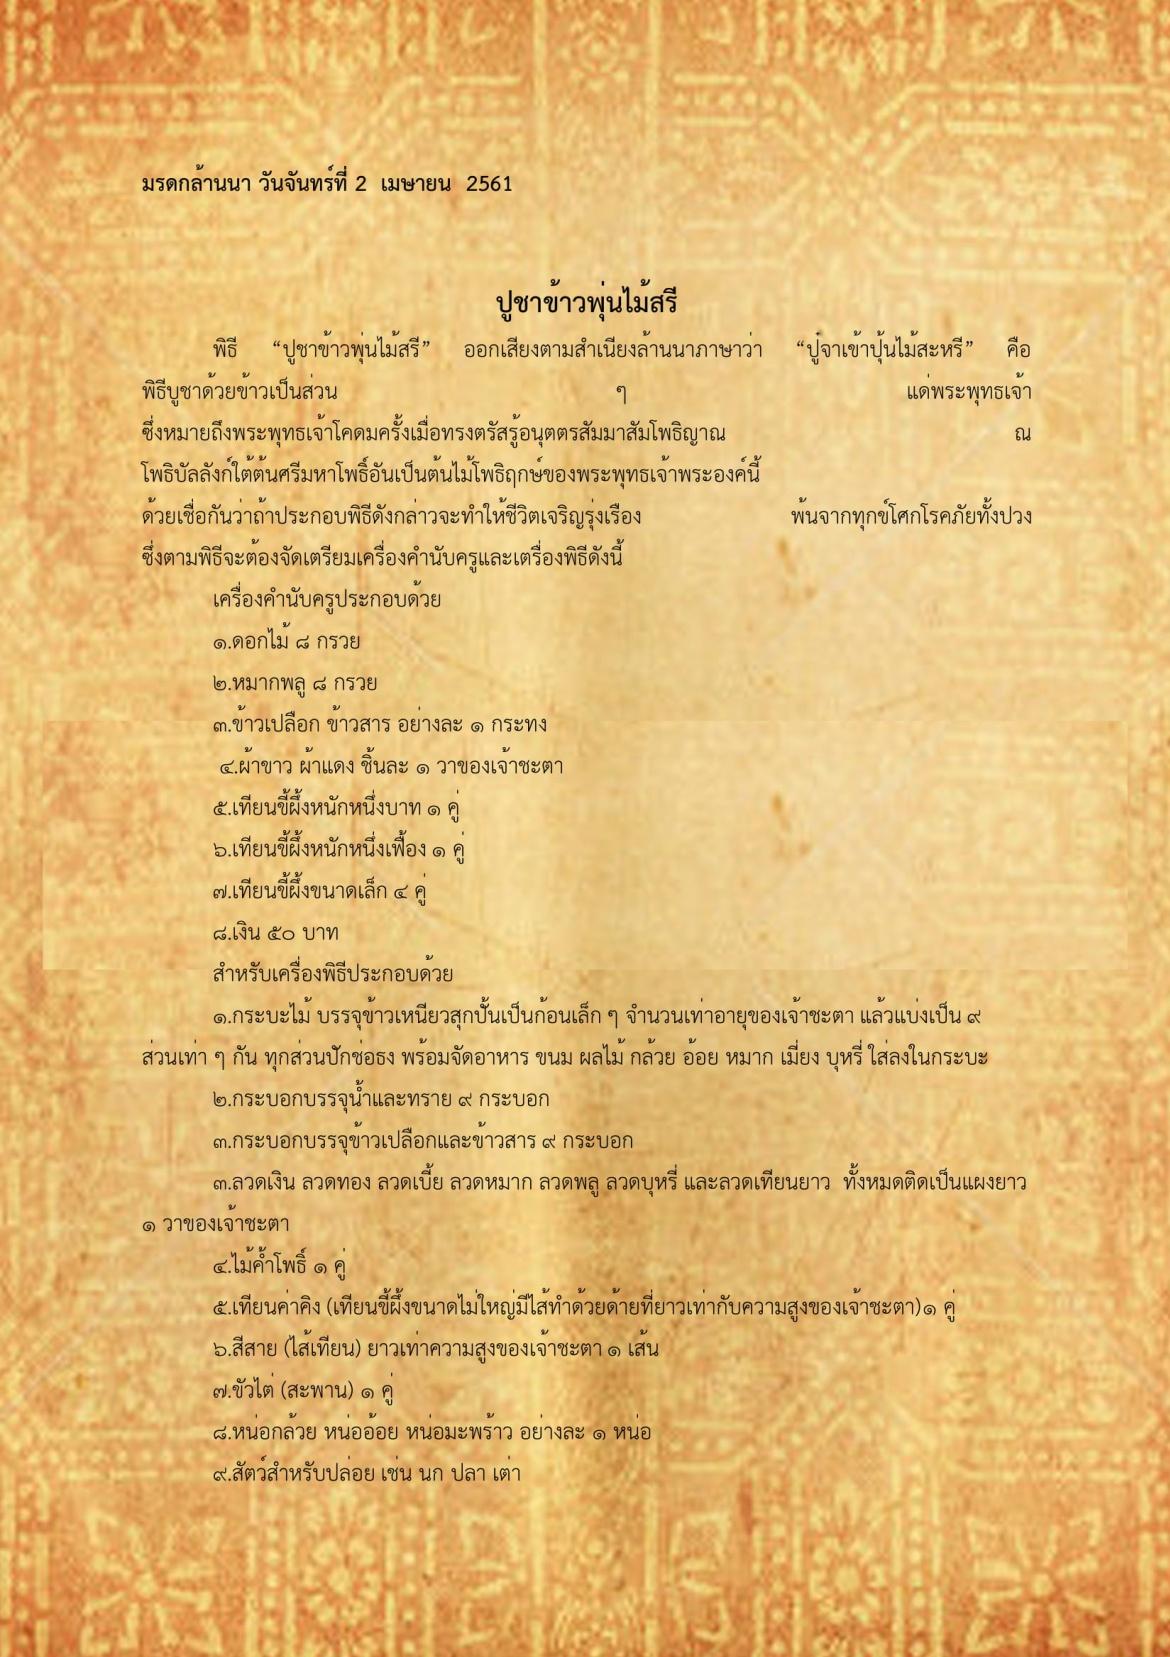 ปูชาข้าวพุ่นไม้สรี - 2 เมษายน 2561